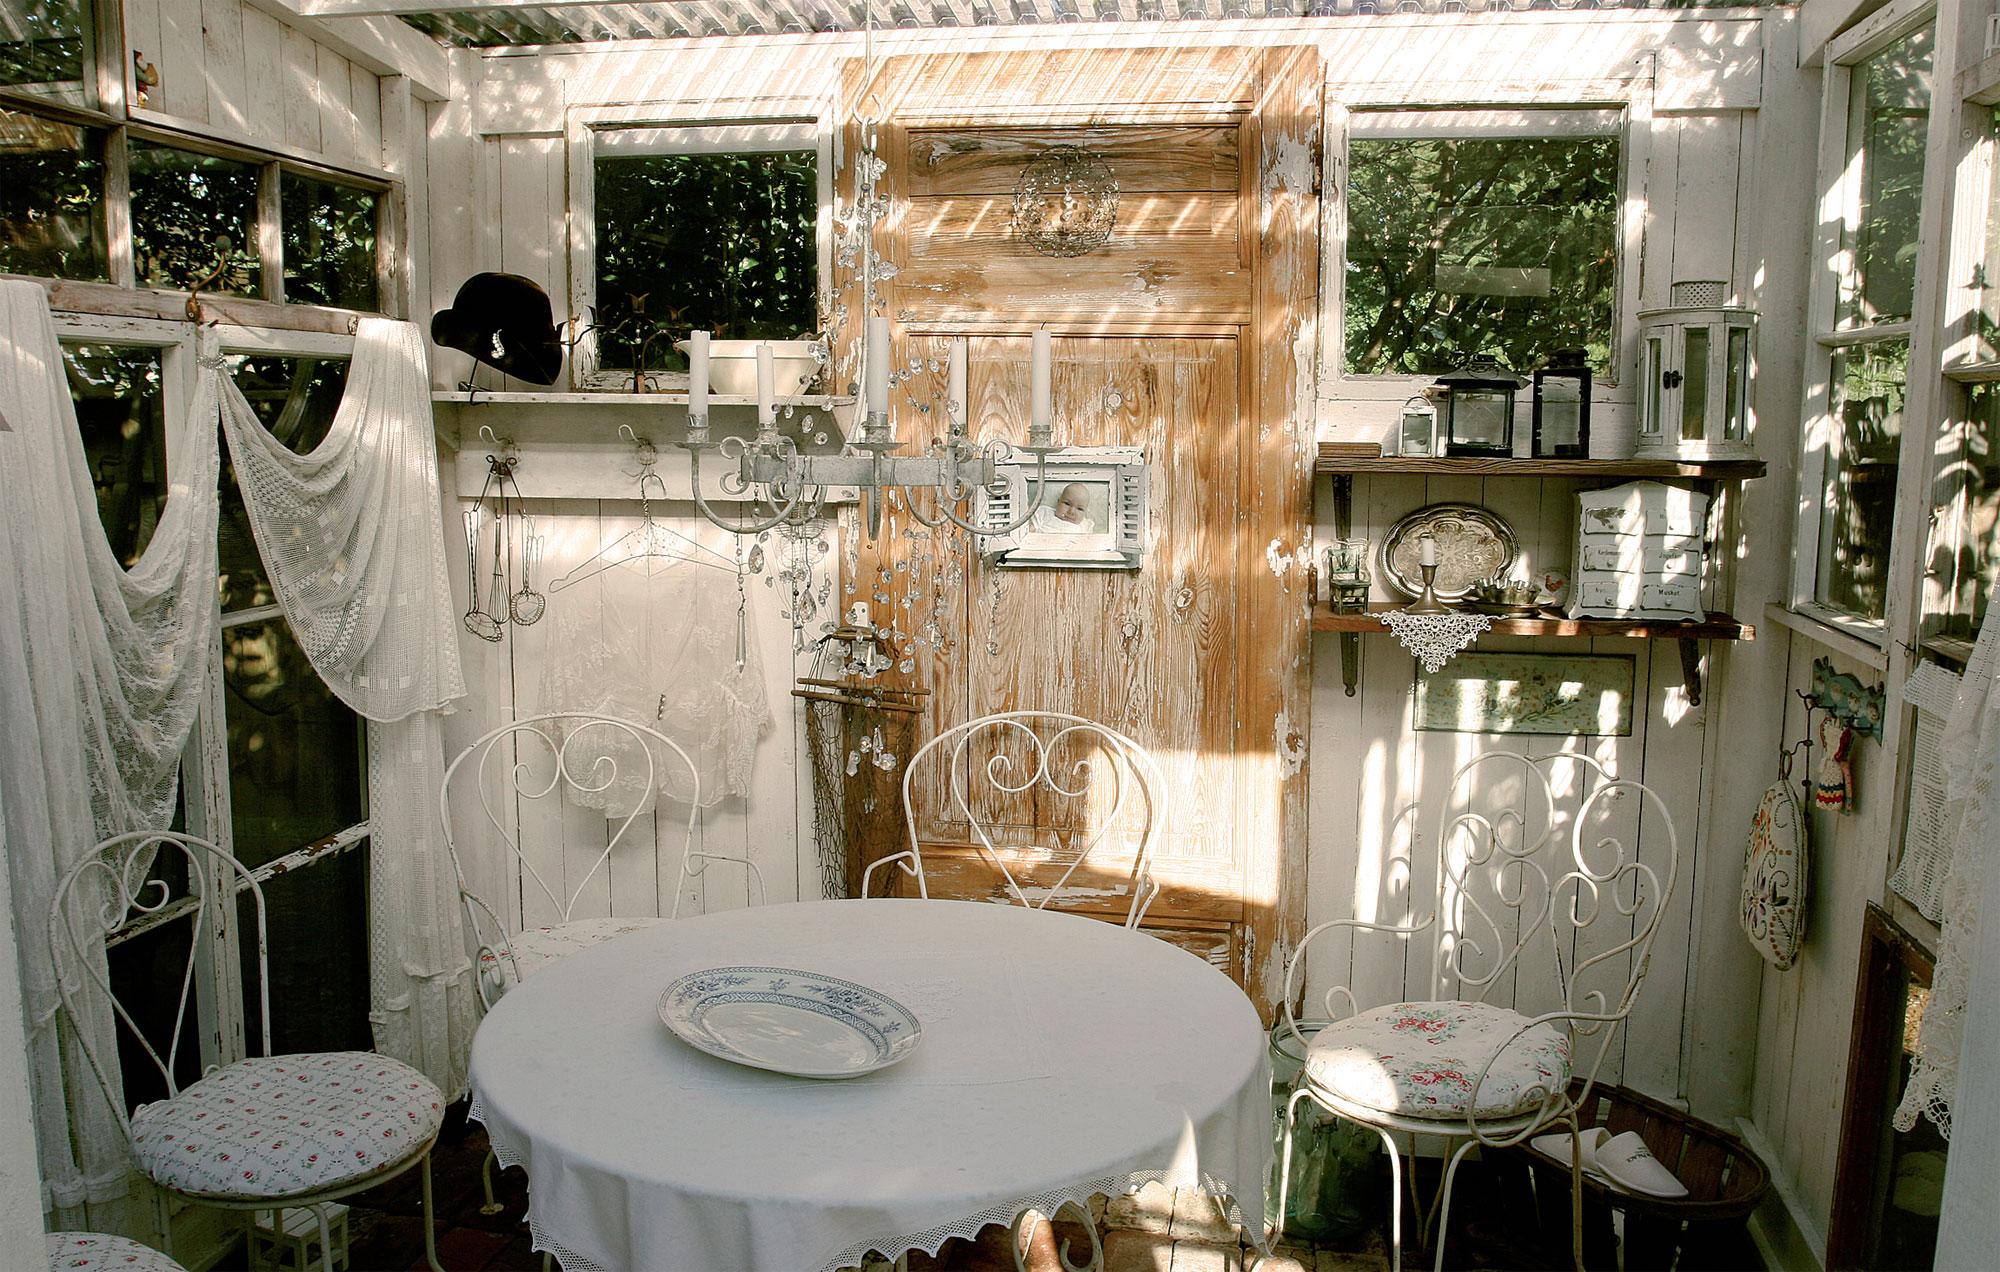 Vanha puutarhakalusto on 80 euron kirpputorilöytö Ranskan maaseudulta.